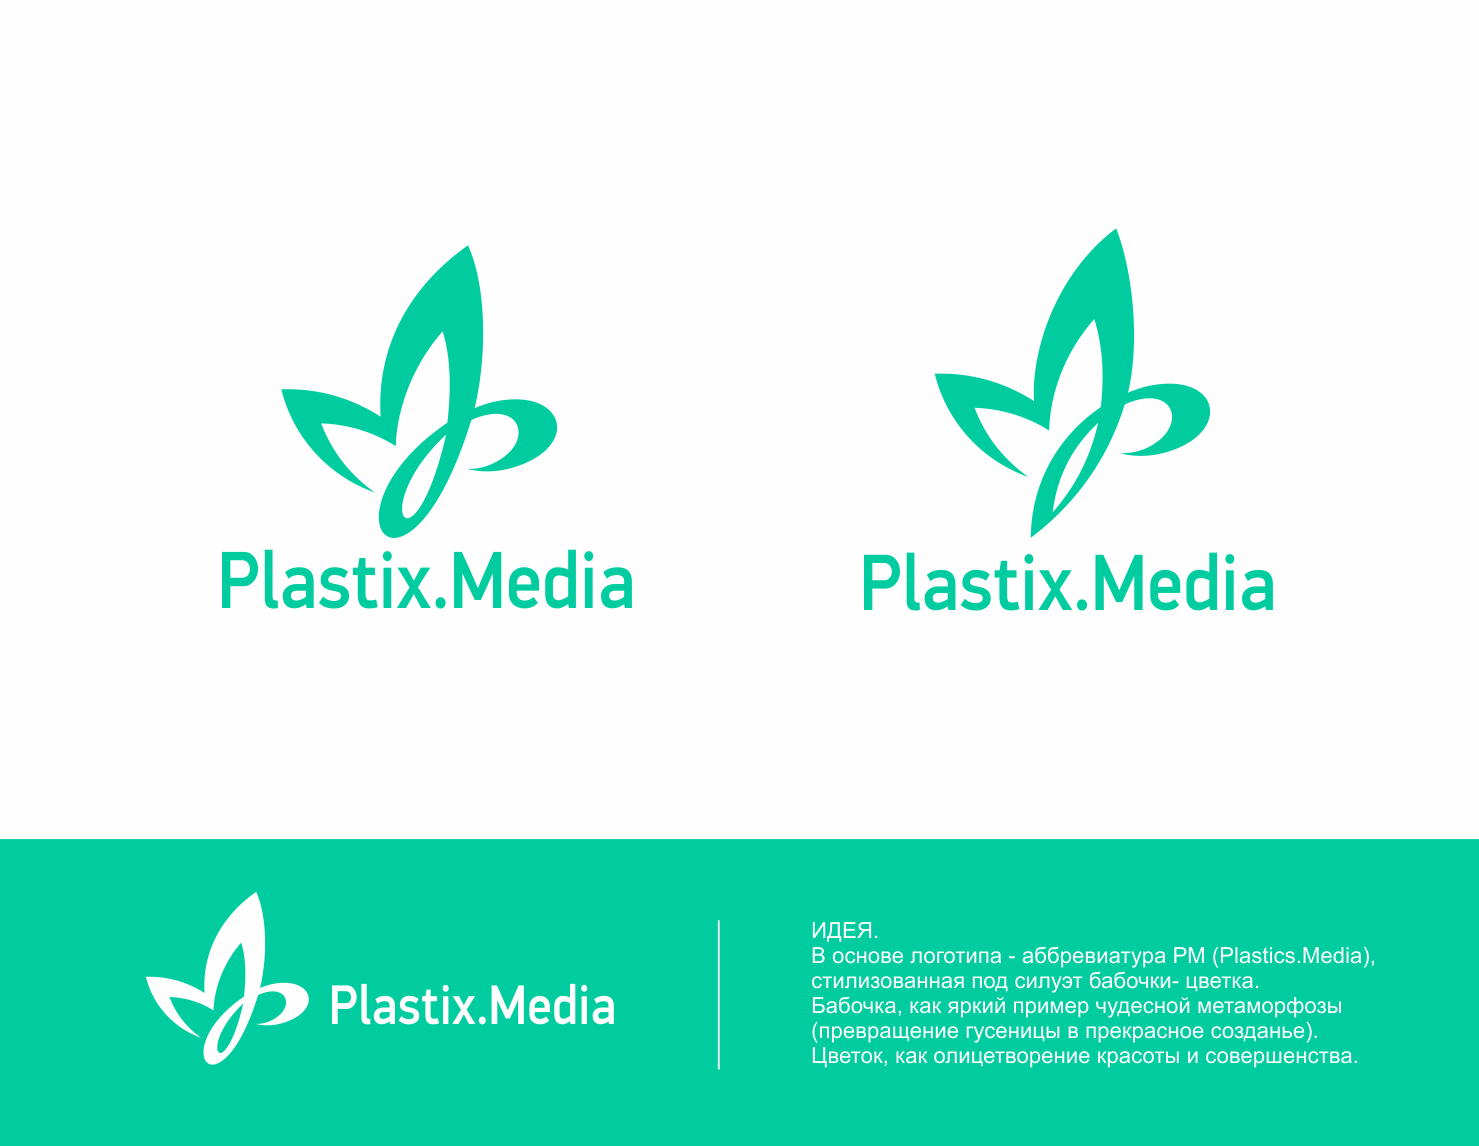 Разработка пакета айдентики Plastix.Media фото f_740598ddb9a63dec.png